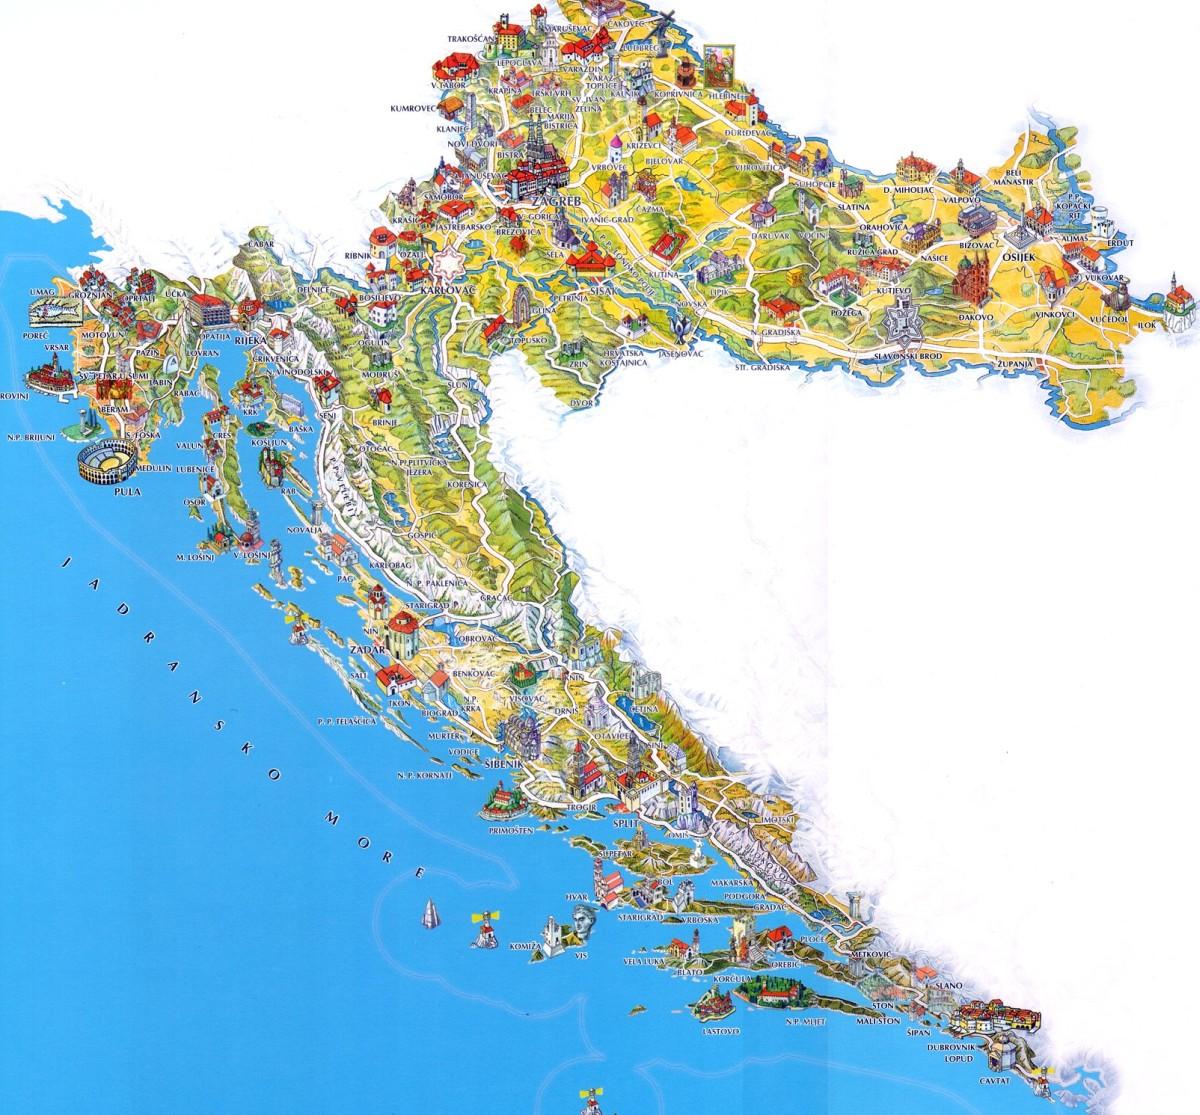 Niewiarygodnie Chorwacja mapa turystyczna - Wybrzeże, co warto zobaczyć w 2 tygodnie? XL66